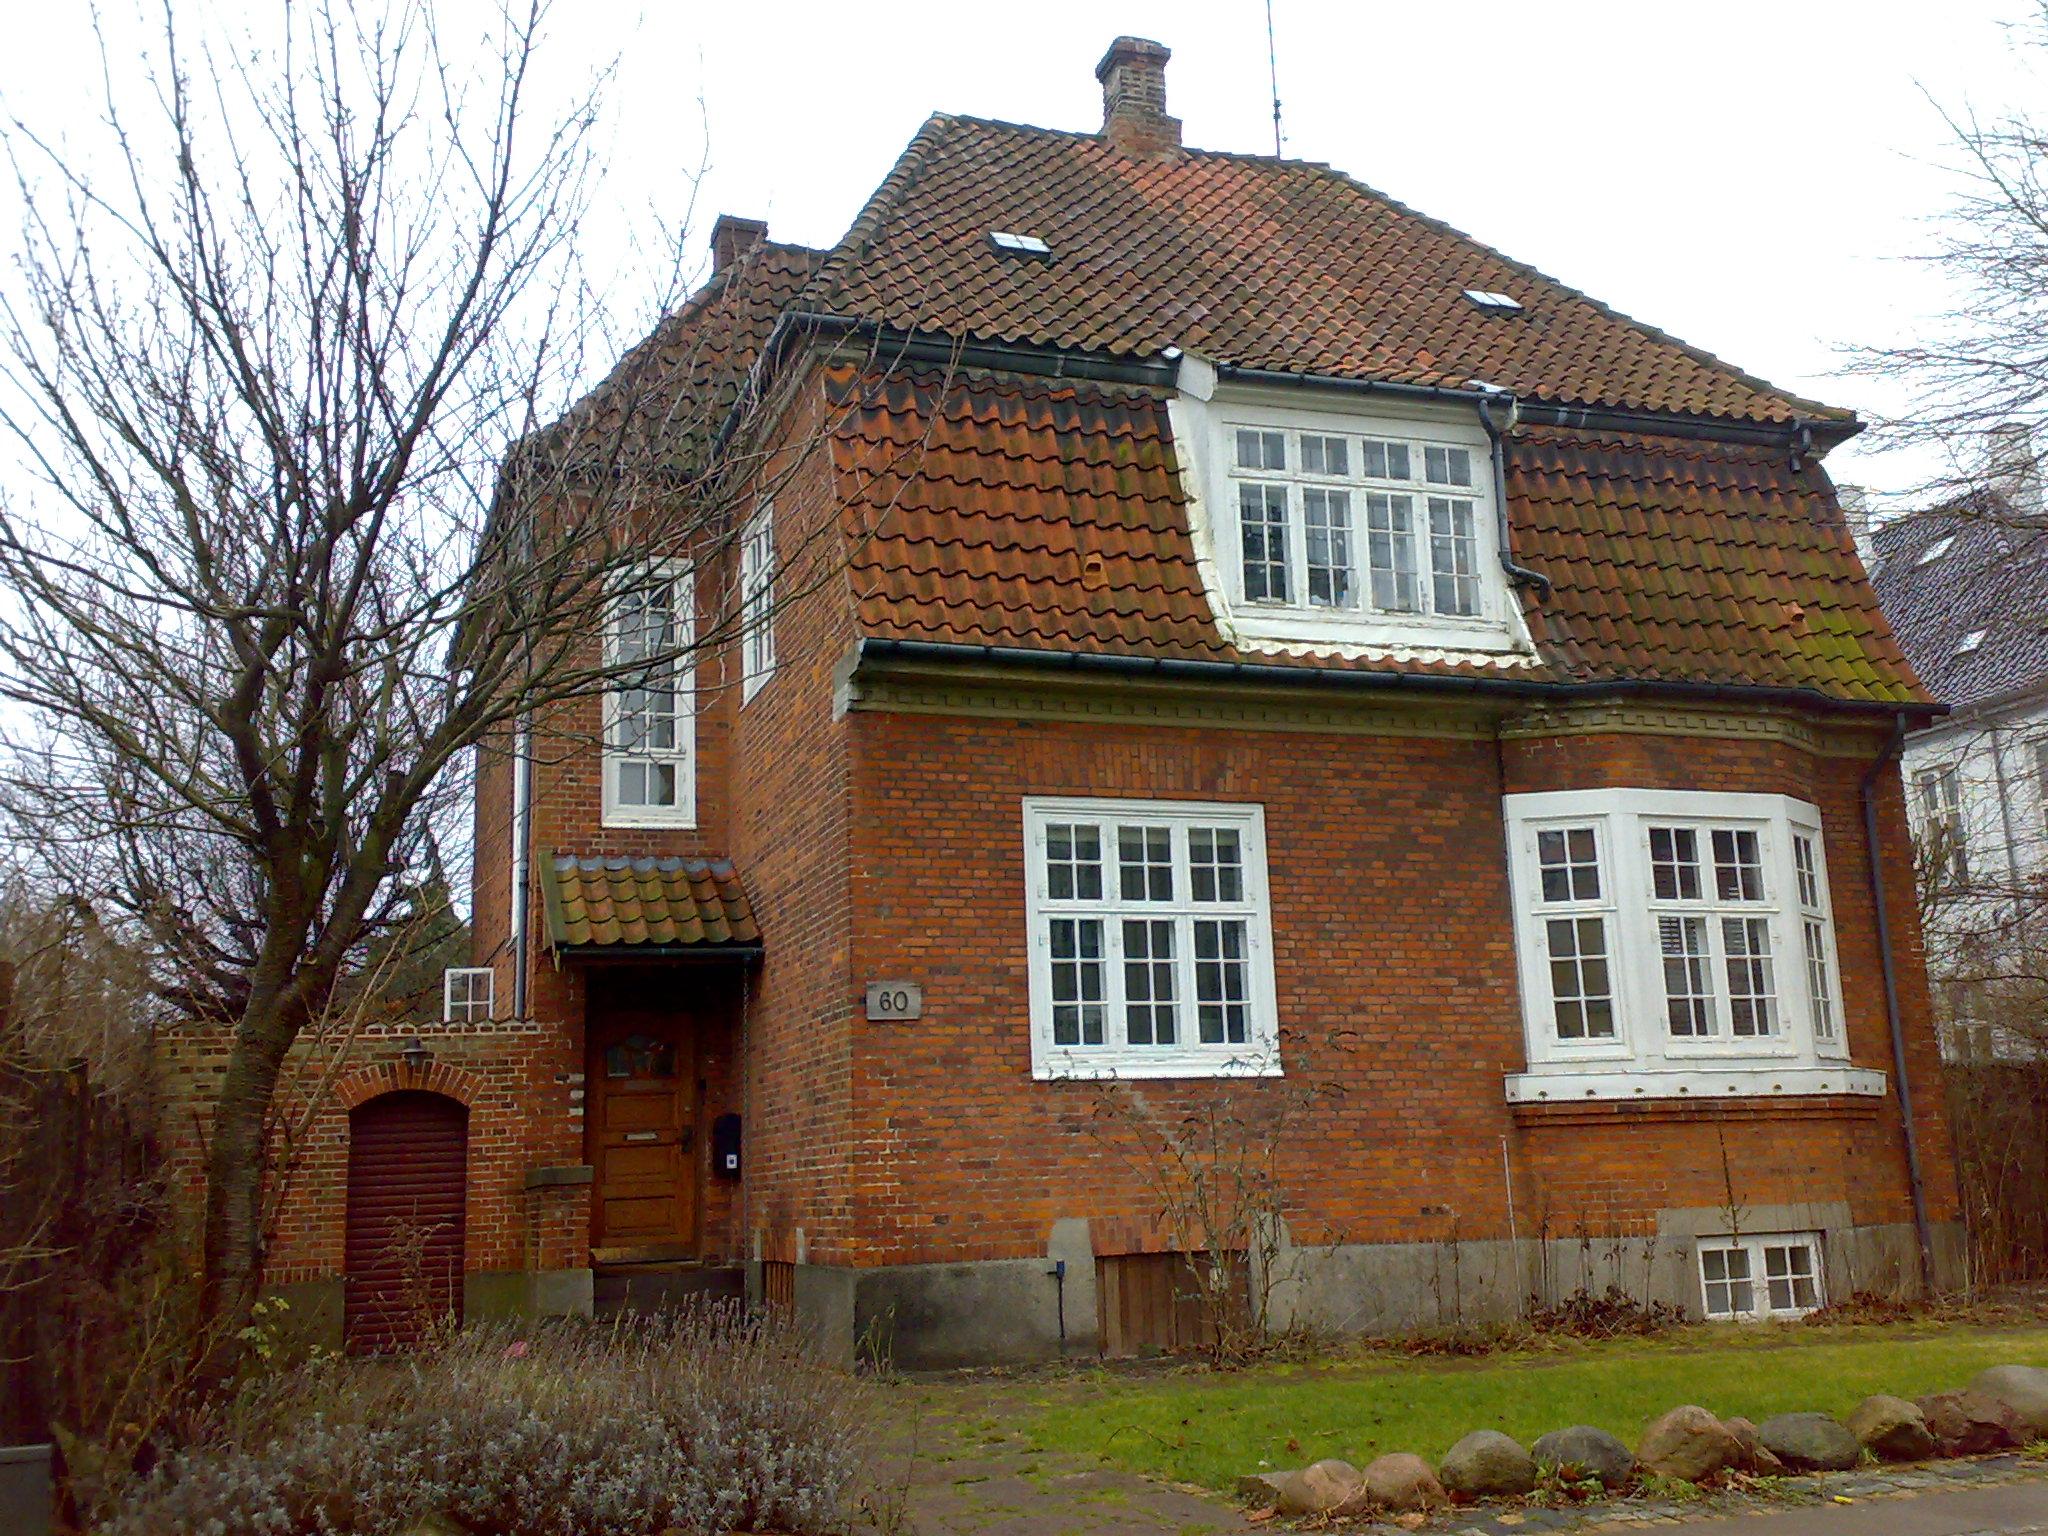 bryllup wiki Sommerland Sjælland adresse